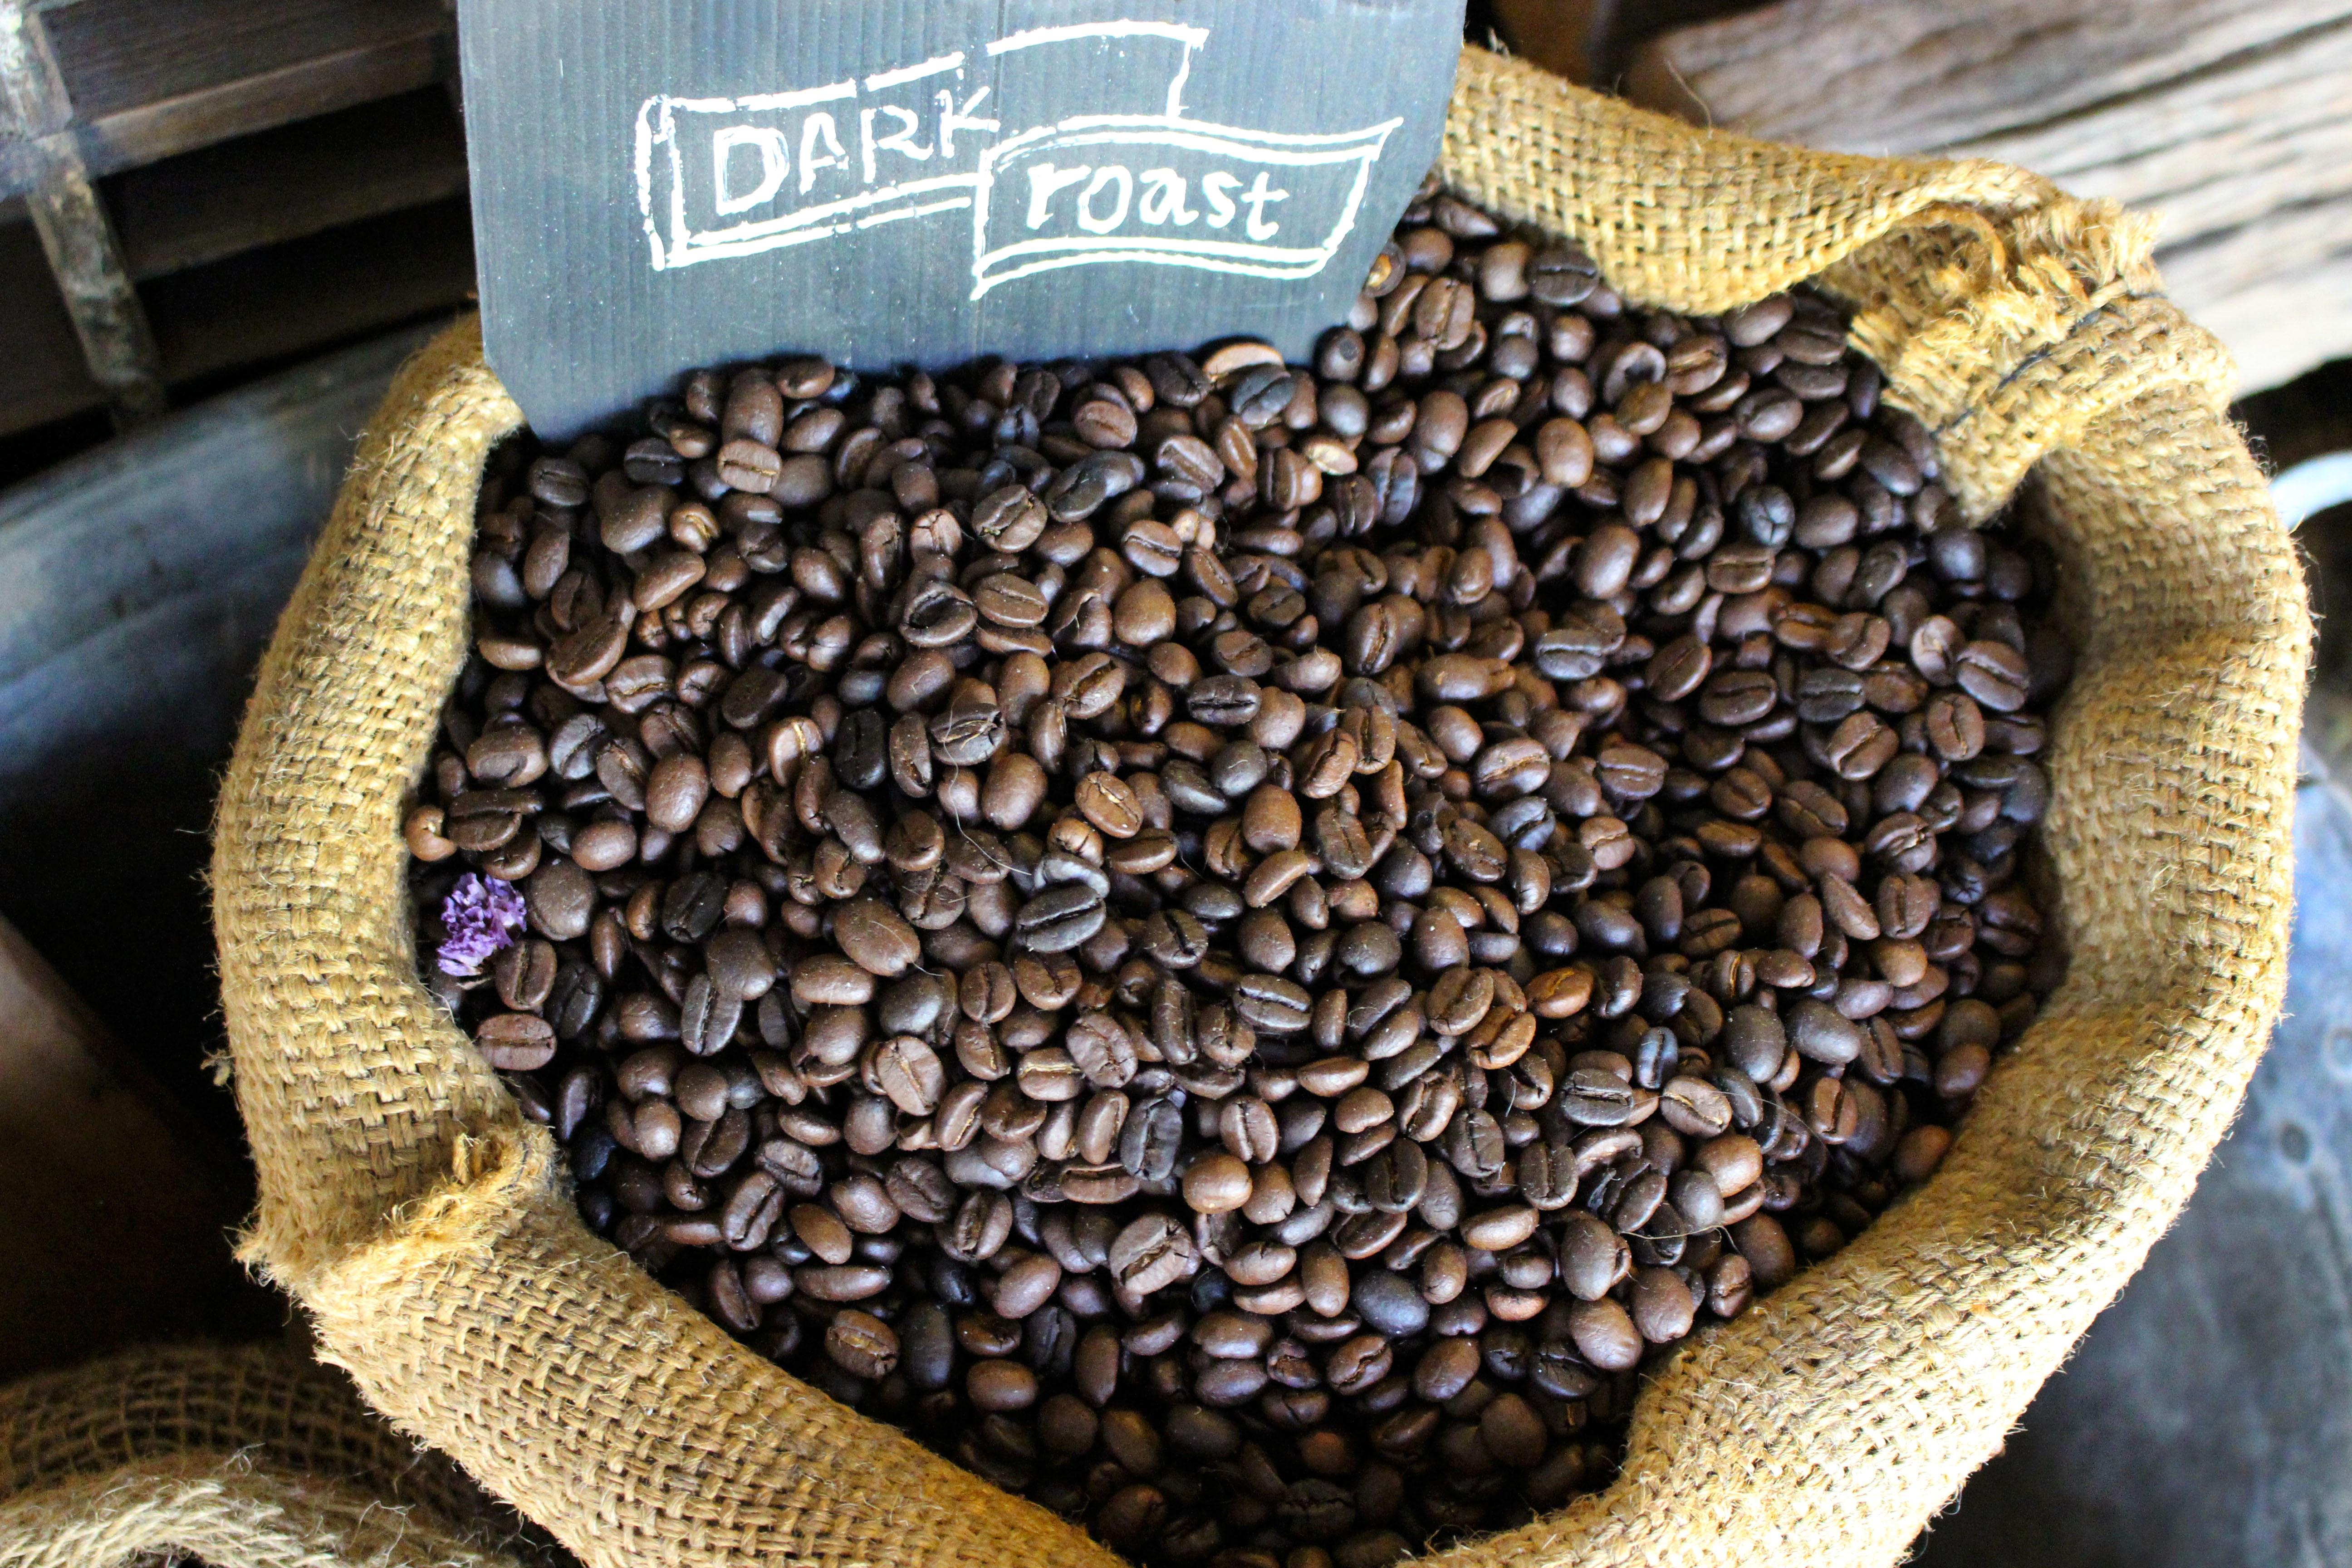 свои случаи из кофейного зерна картинки фекалии, выделяемые клещом